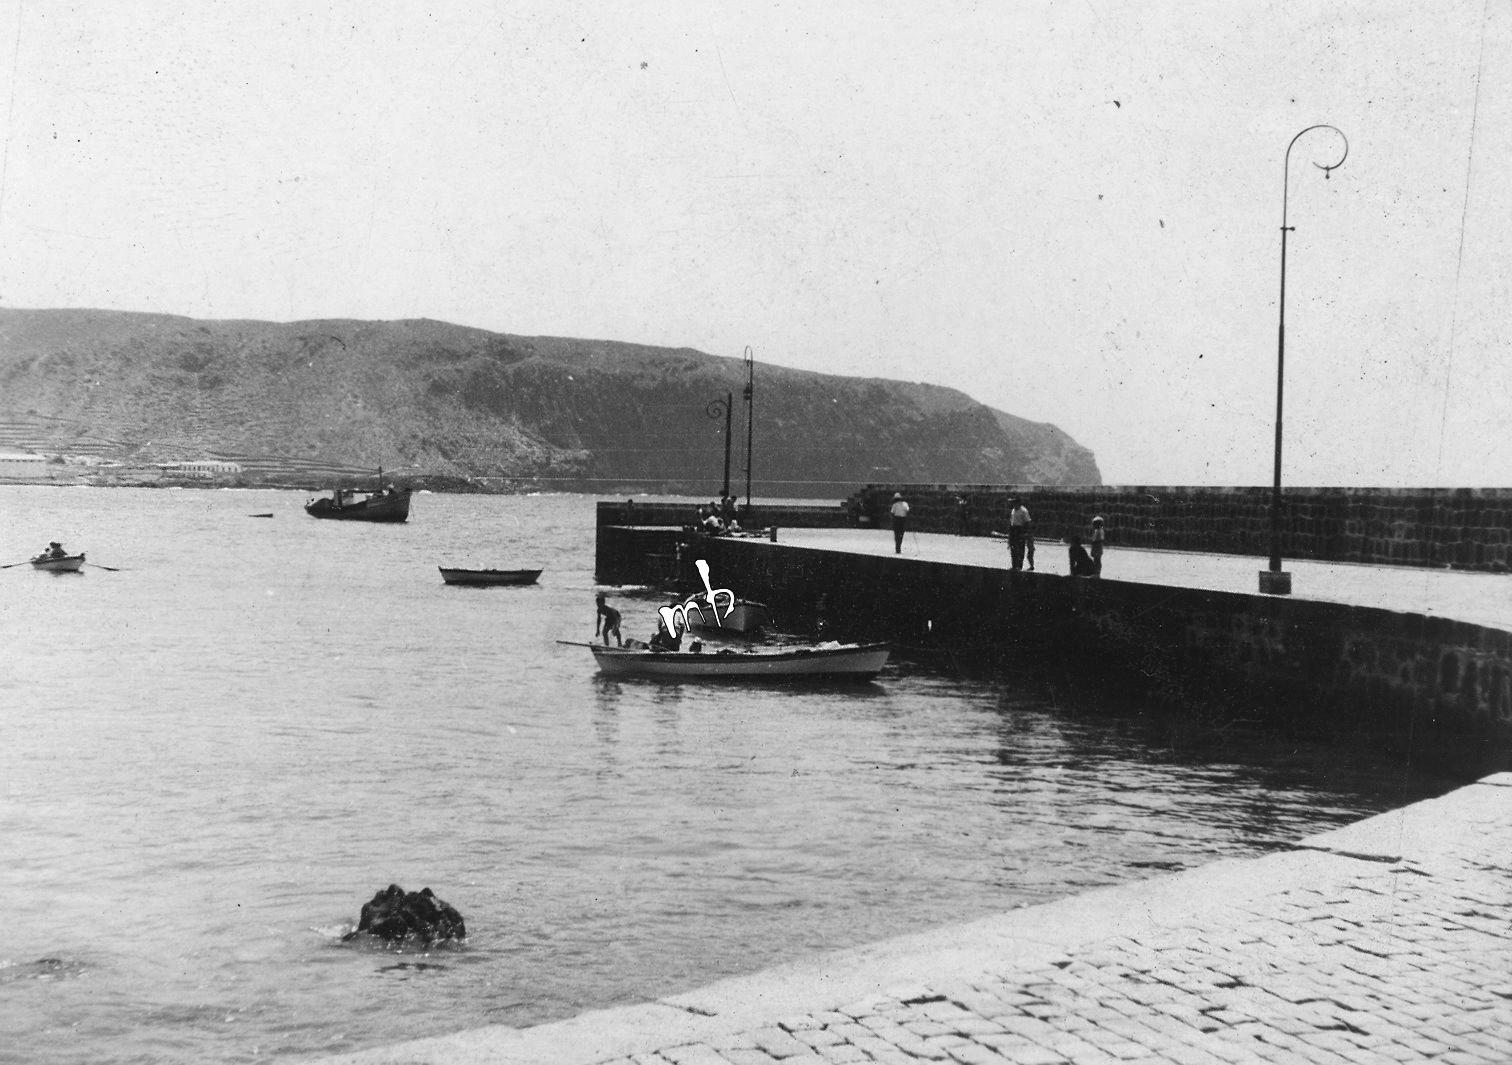 Marcos Brito: Embarcadero de Los Cristianos. Imagen anterior a 1958